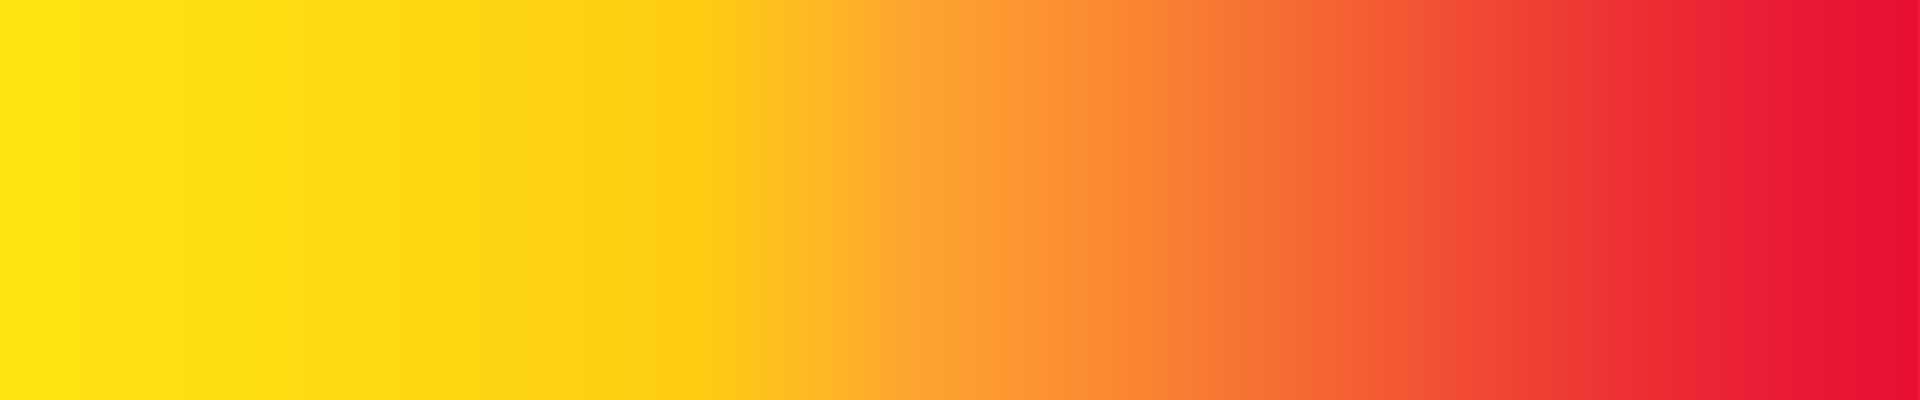 gelb, pfirsich, orange, rot